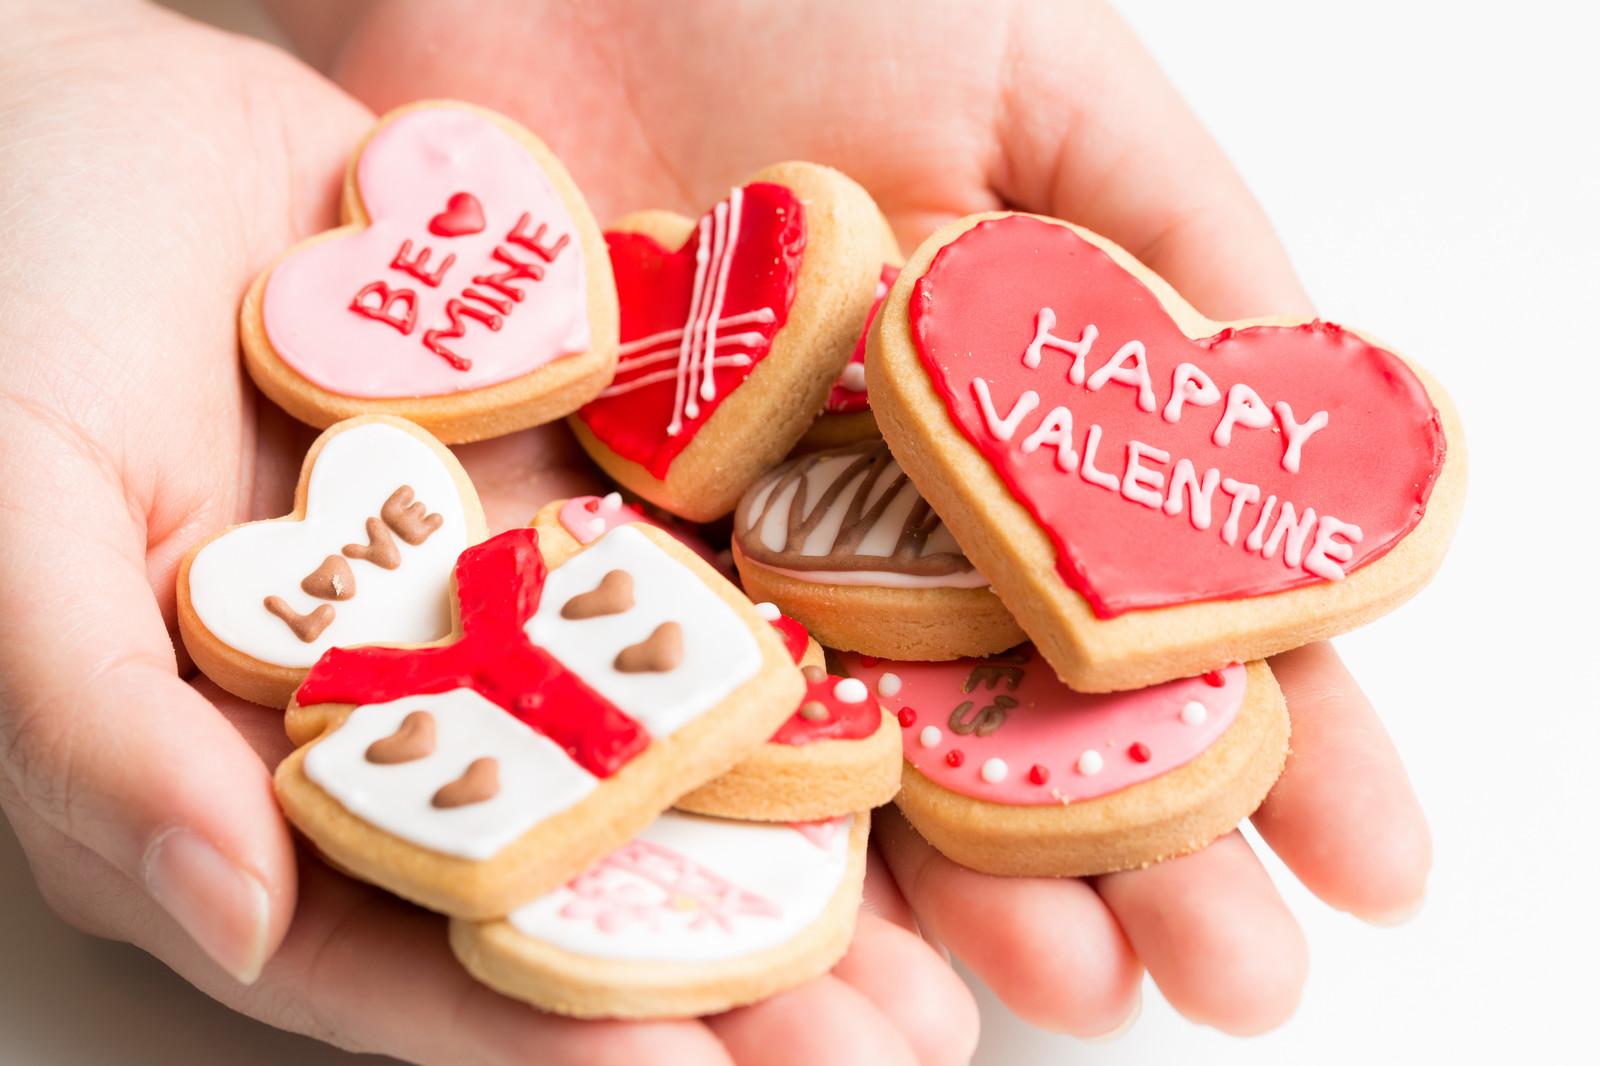 せどり|バレンタインのチョコ商戦の本当の旨味とは?ここからが本番